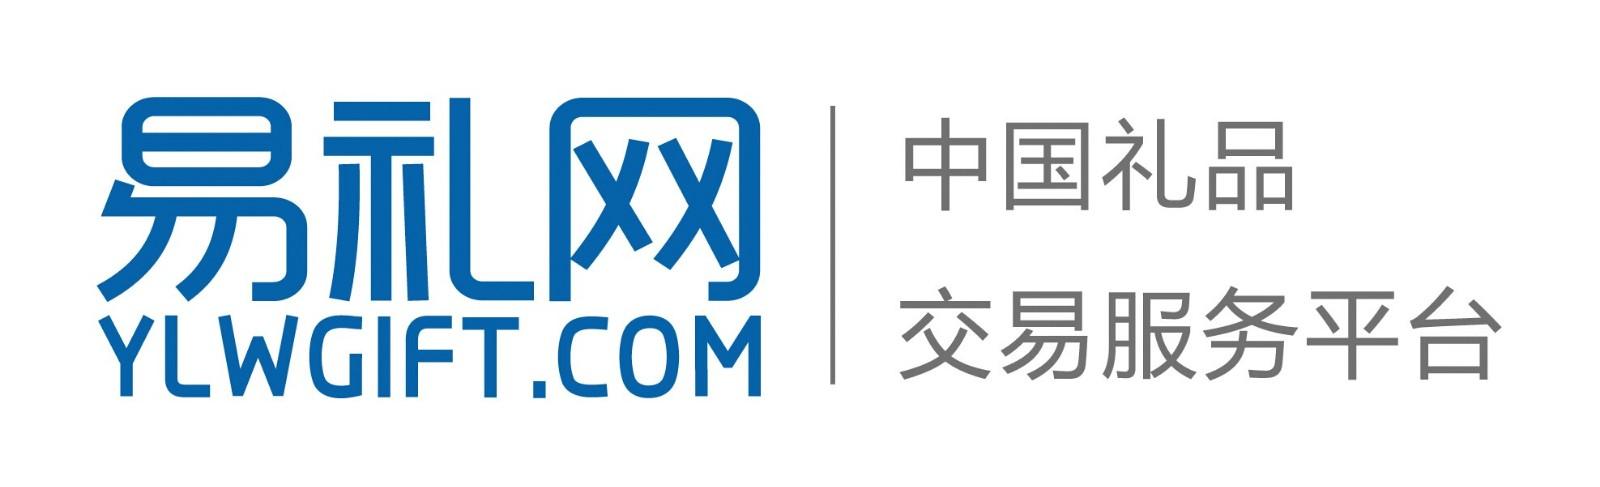 logo logo 标志 设计 矢量 矢量图 素材 图标 1600_487